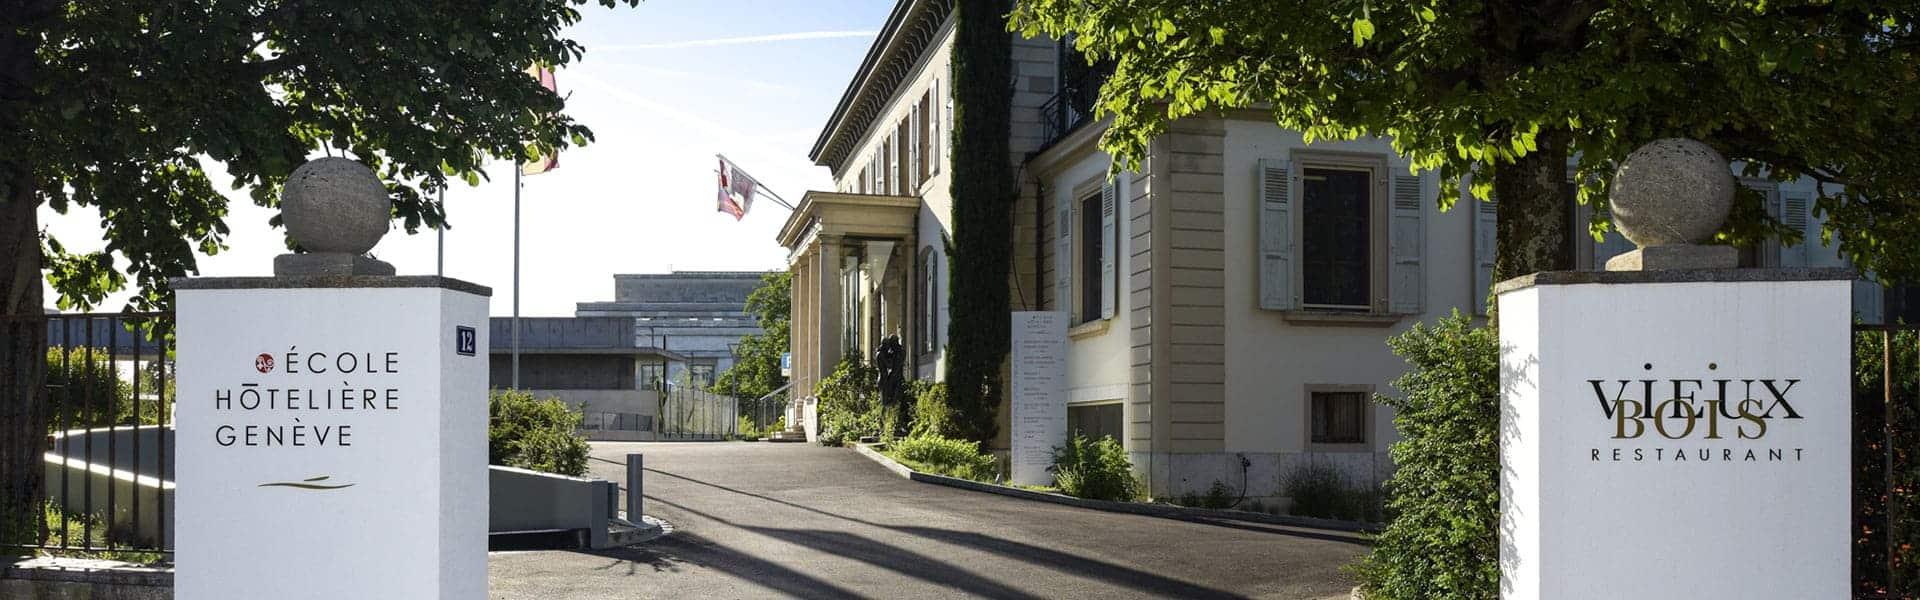 Entrée principale de l'Ecole Hoteliere de Geneve en suisse